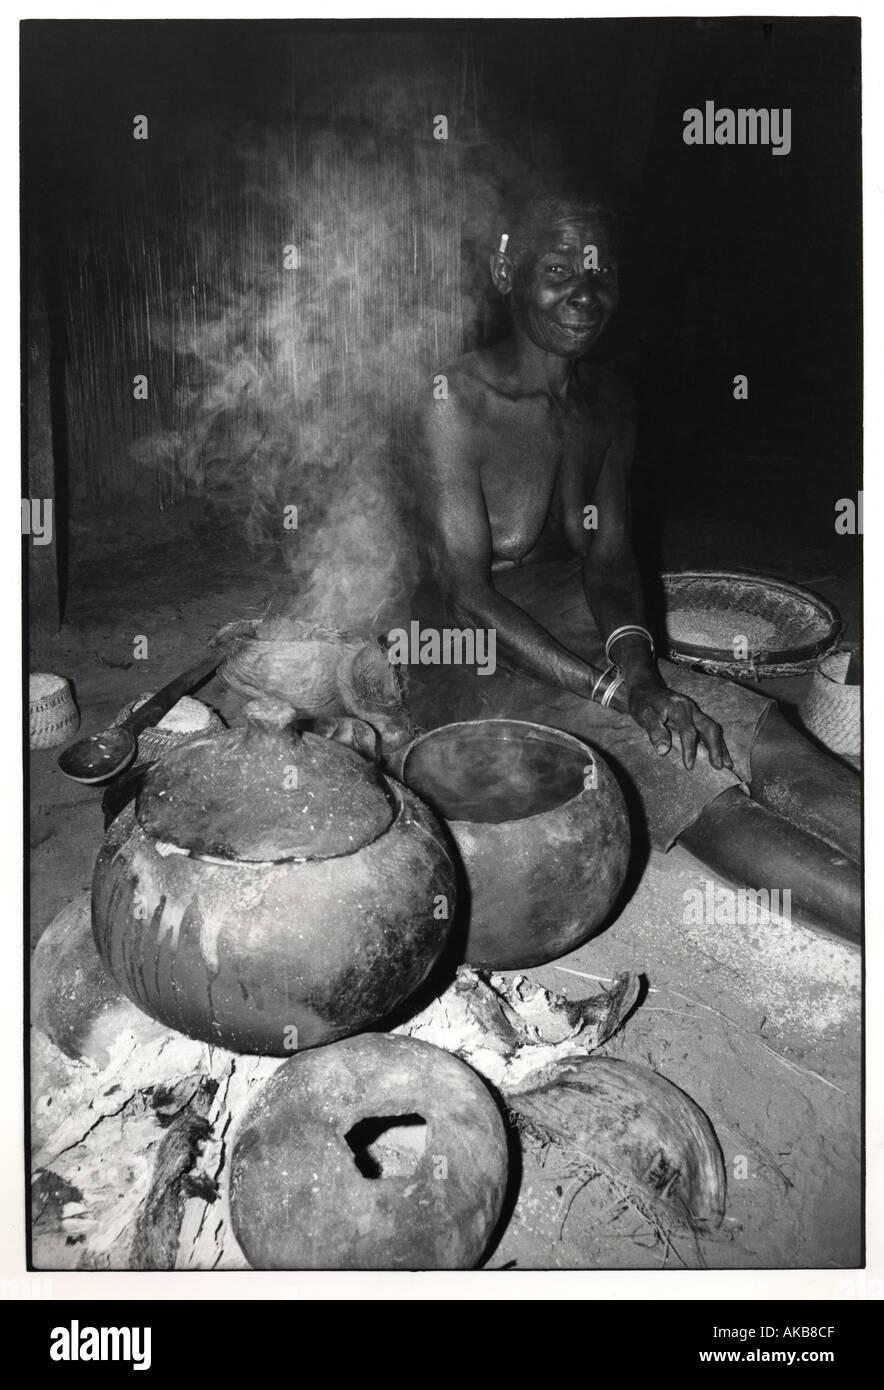 Food making - Stock Image